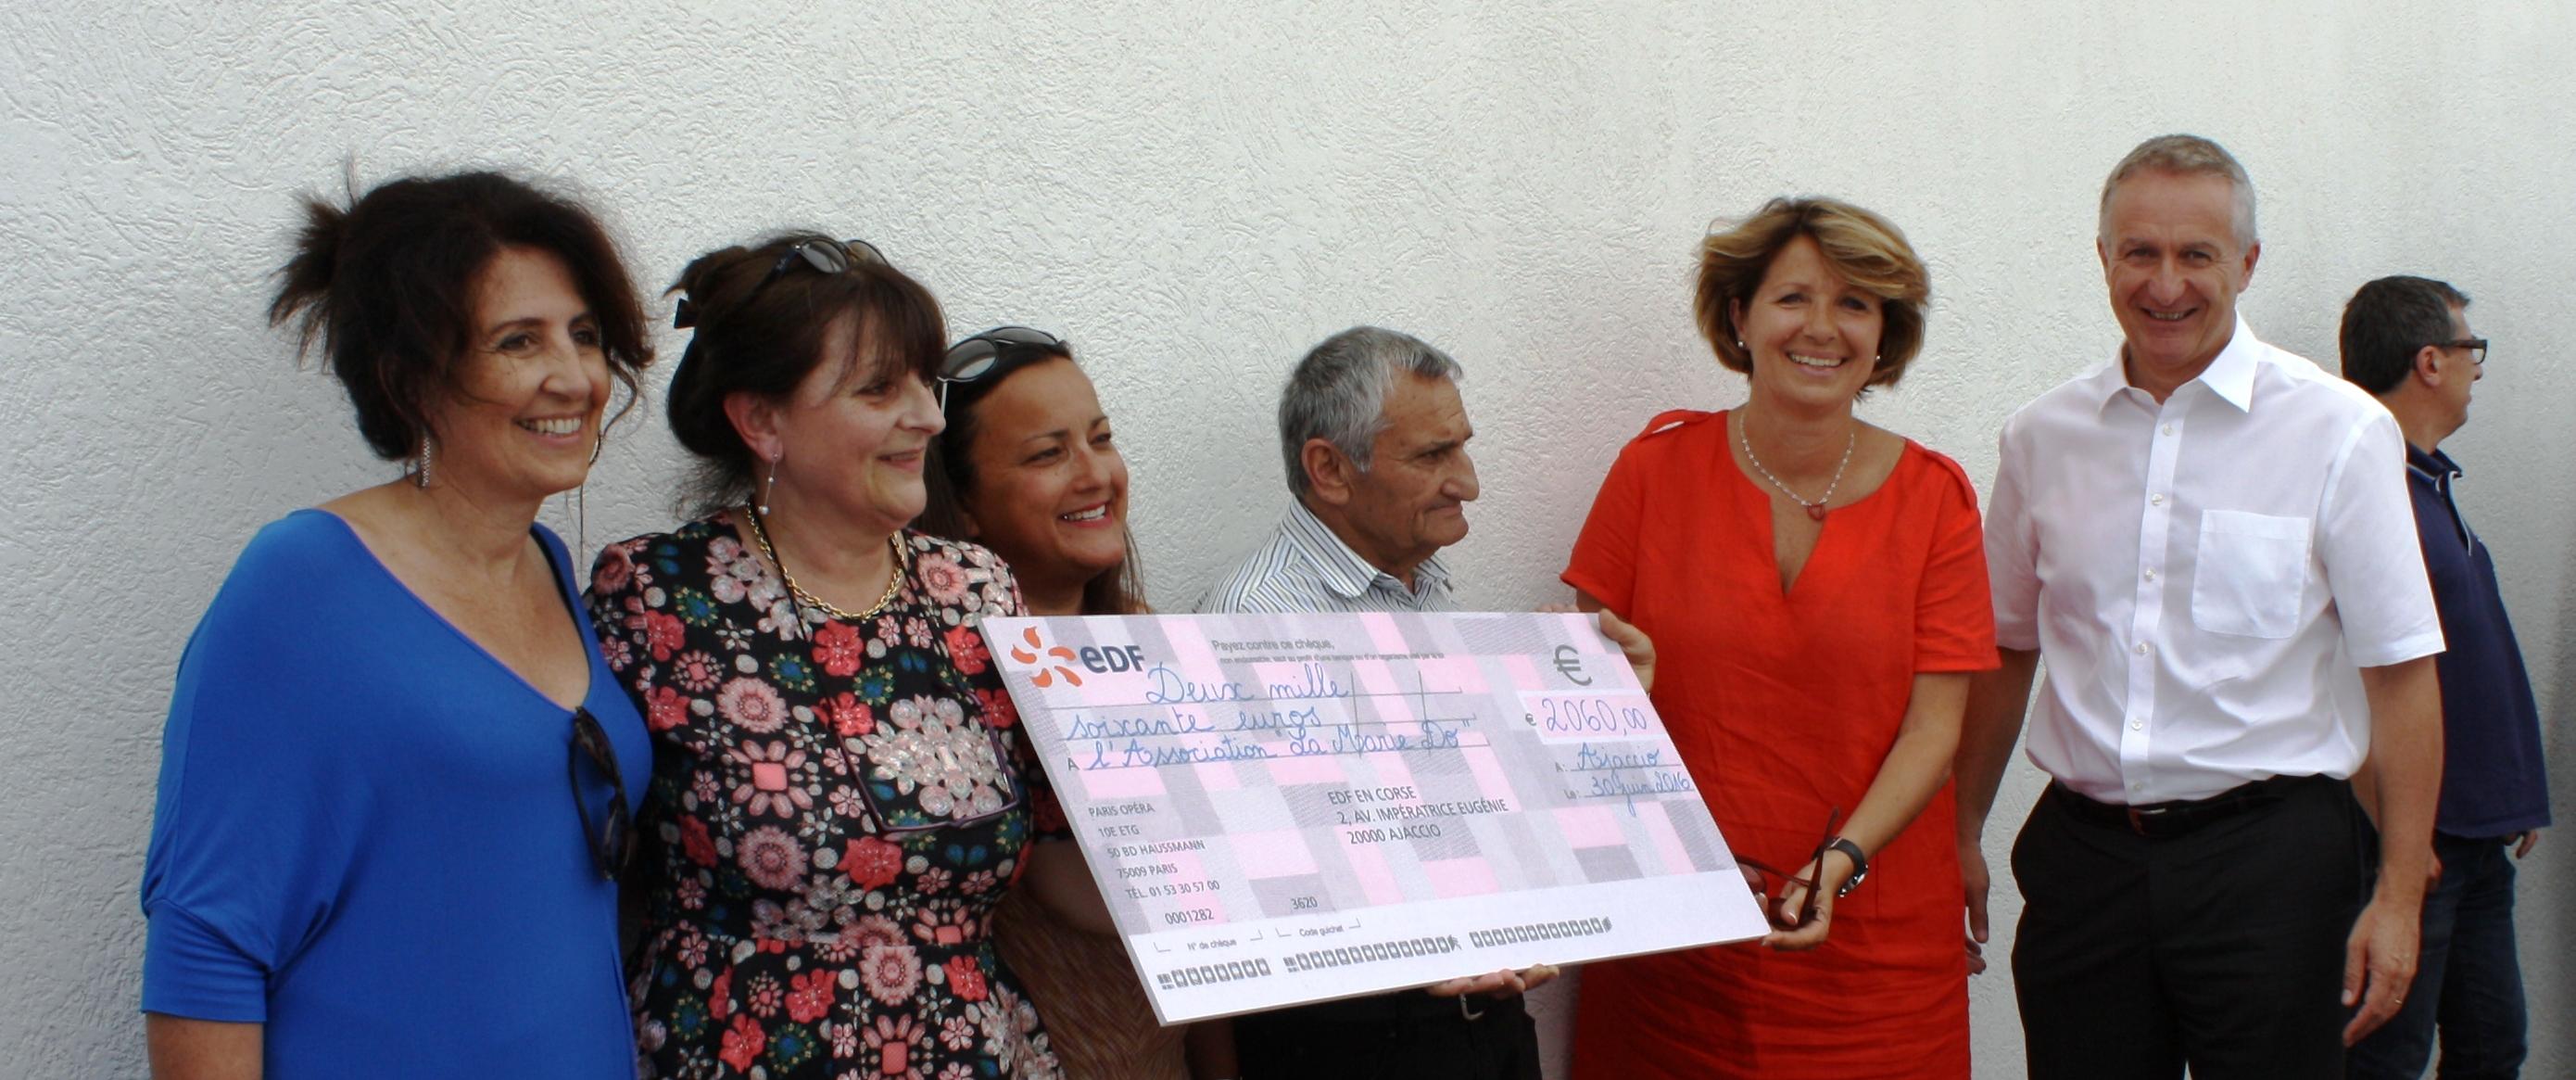 Photo 2 : De gauche à droite, Marielle Canale et Gisèle Cabuy, de l'équipe RH d'EDF, la sœur et le père de Marie-Dominique Versini, Catherine Riera, Présidente de La Marie Do et Patrick Bressot, directeur régional d'EDF.